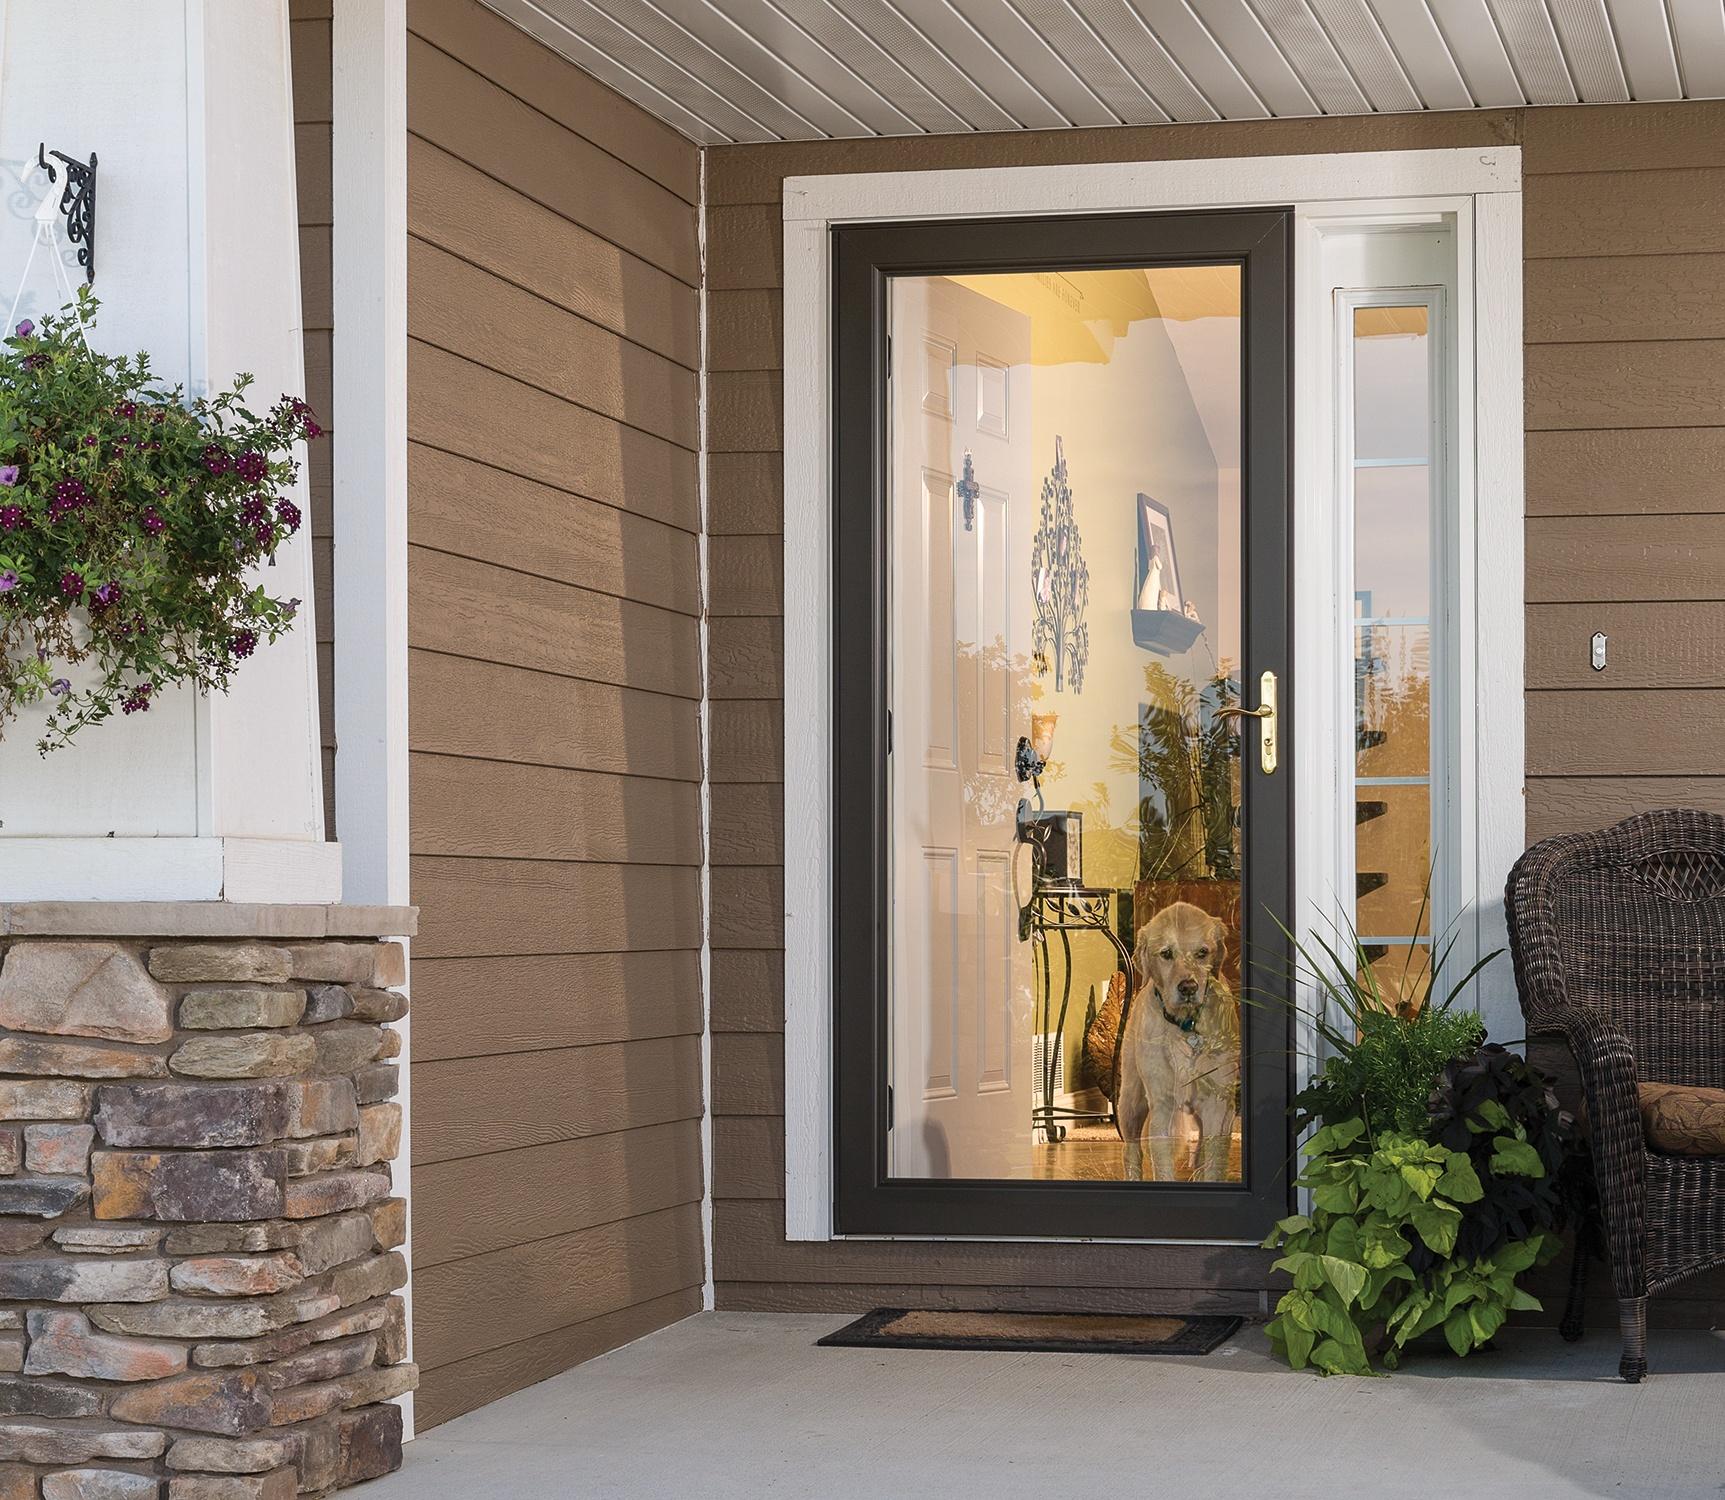 Full glass storm door